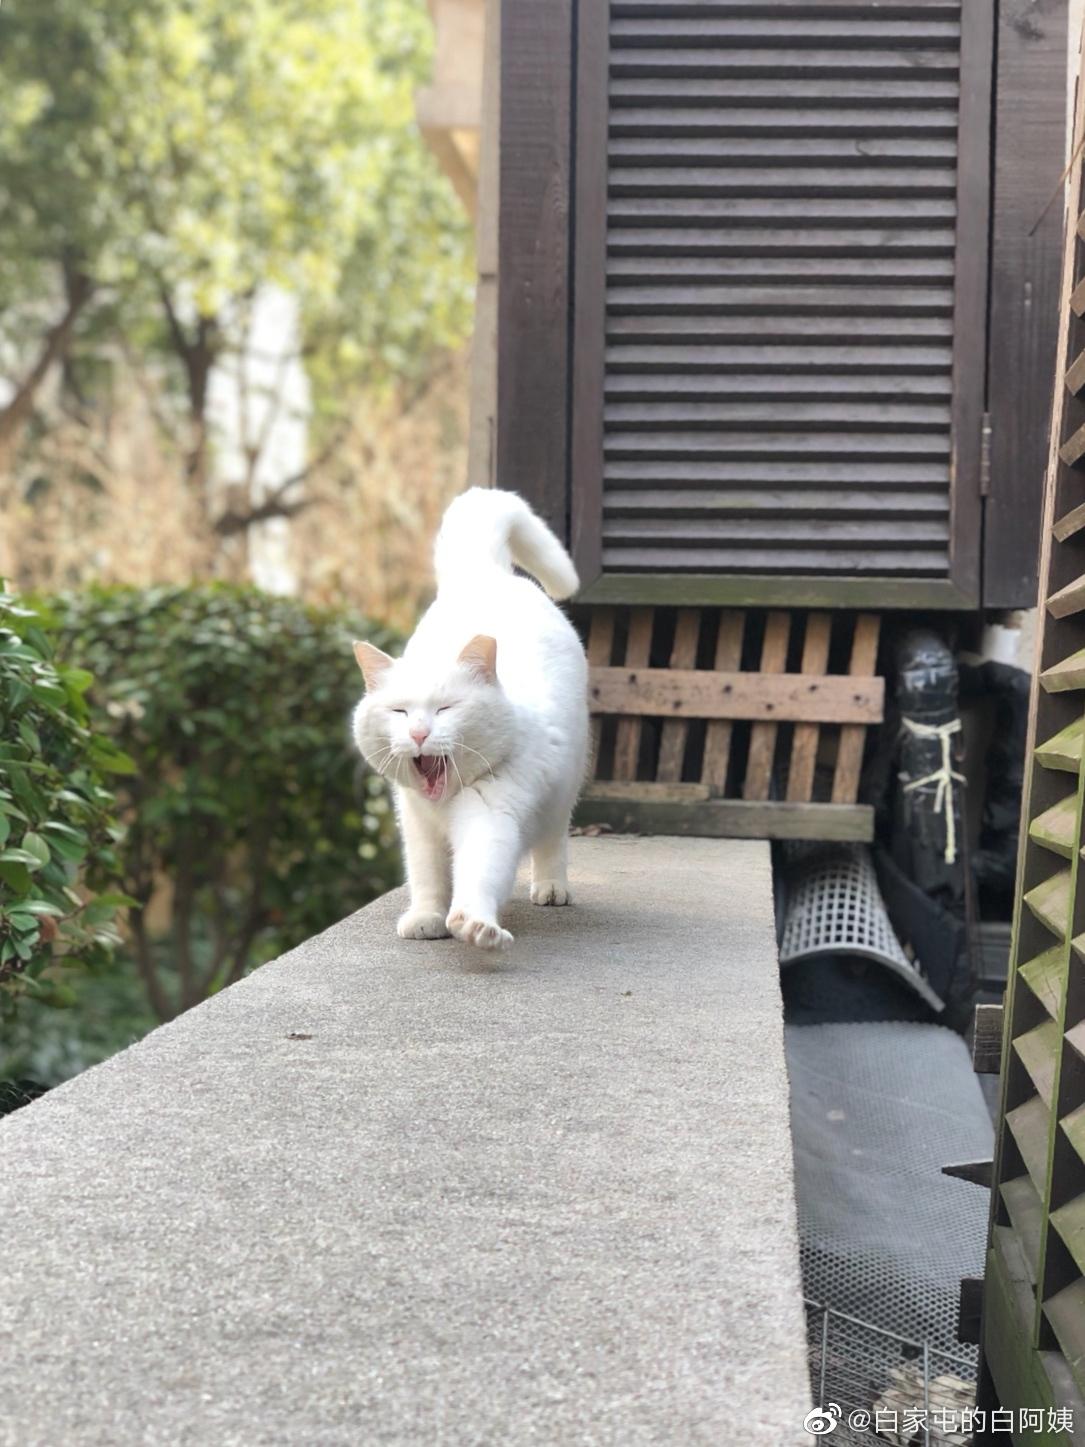 每次看见白胖妞,都觉得她象一位穿着白裙的少女